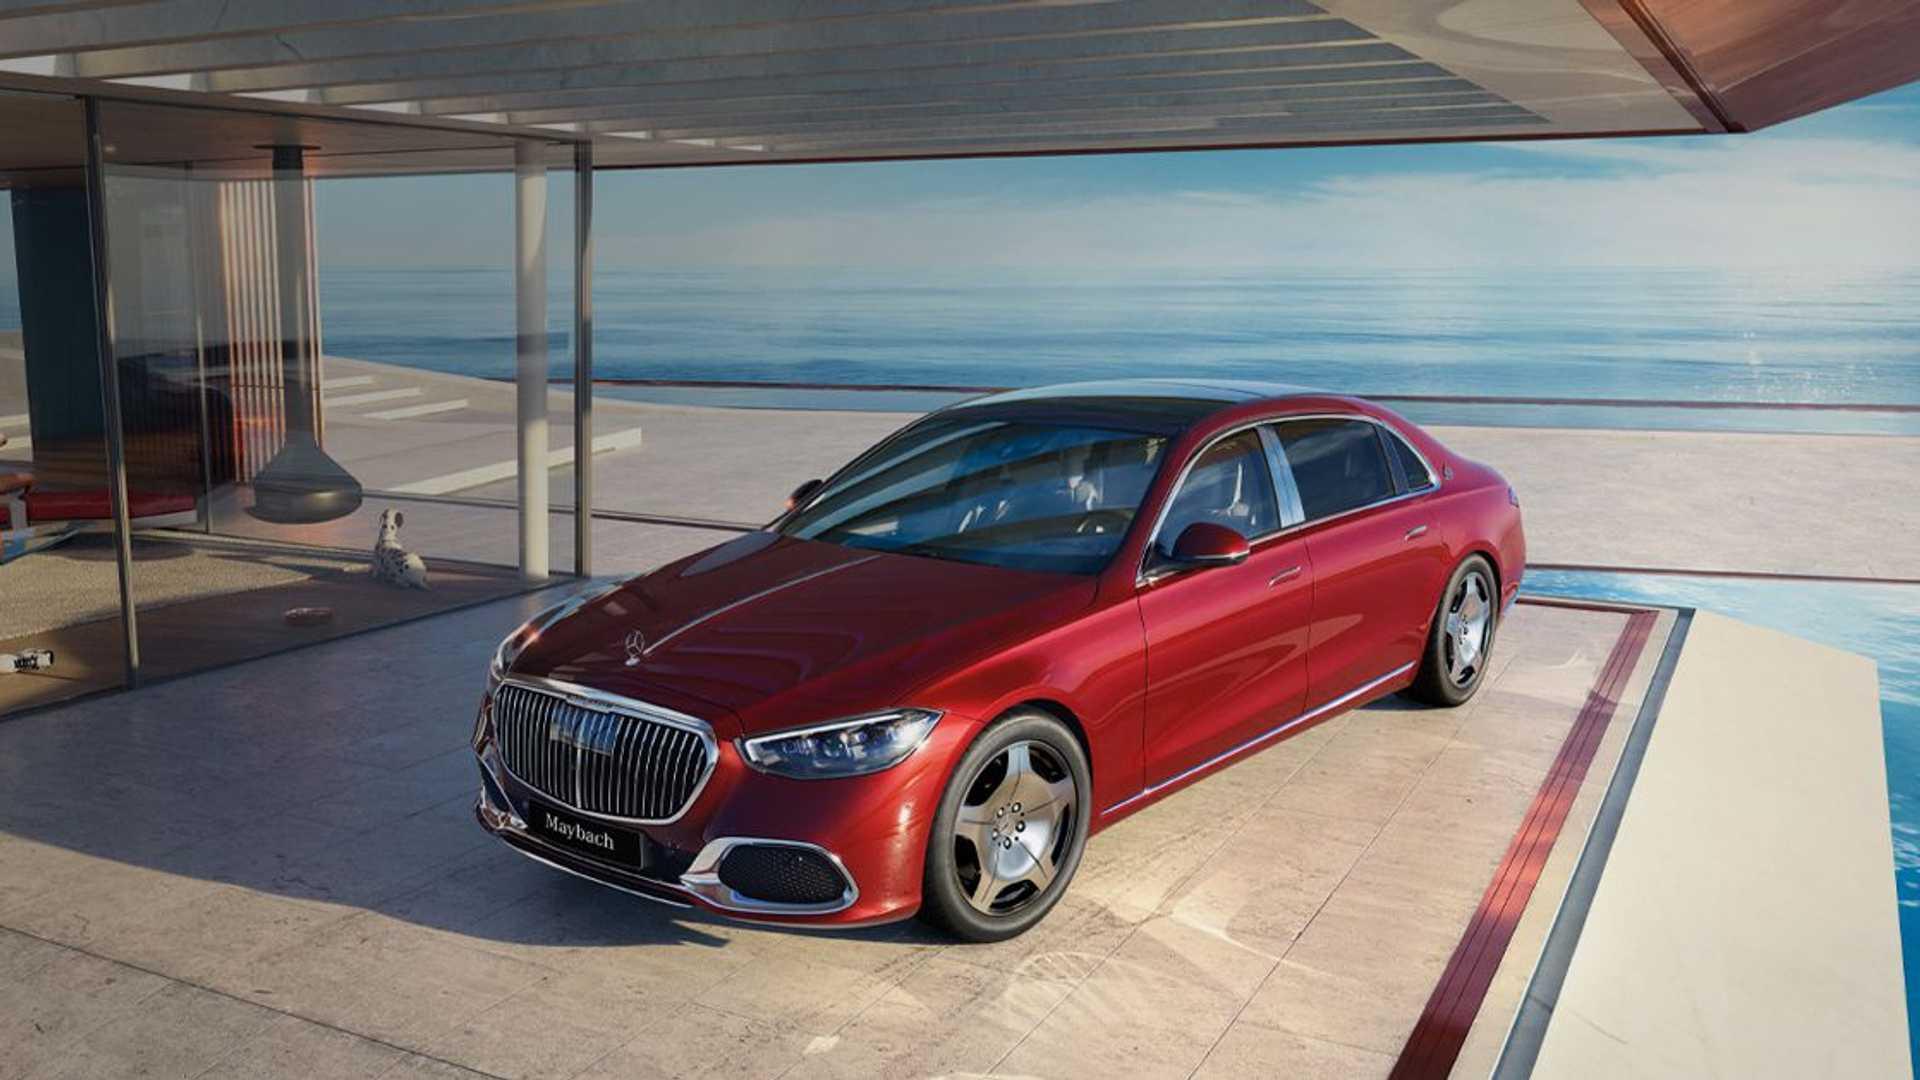 Η Mercedes έφτιαξε μια Maybach  για τους… λιγότερο πλούσιους! (pics)